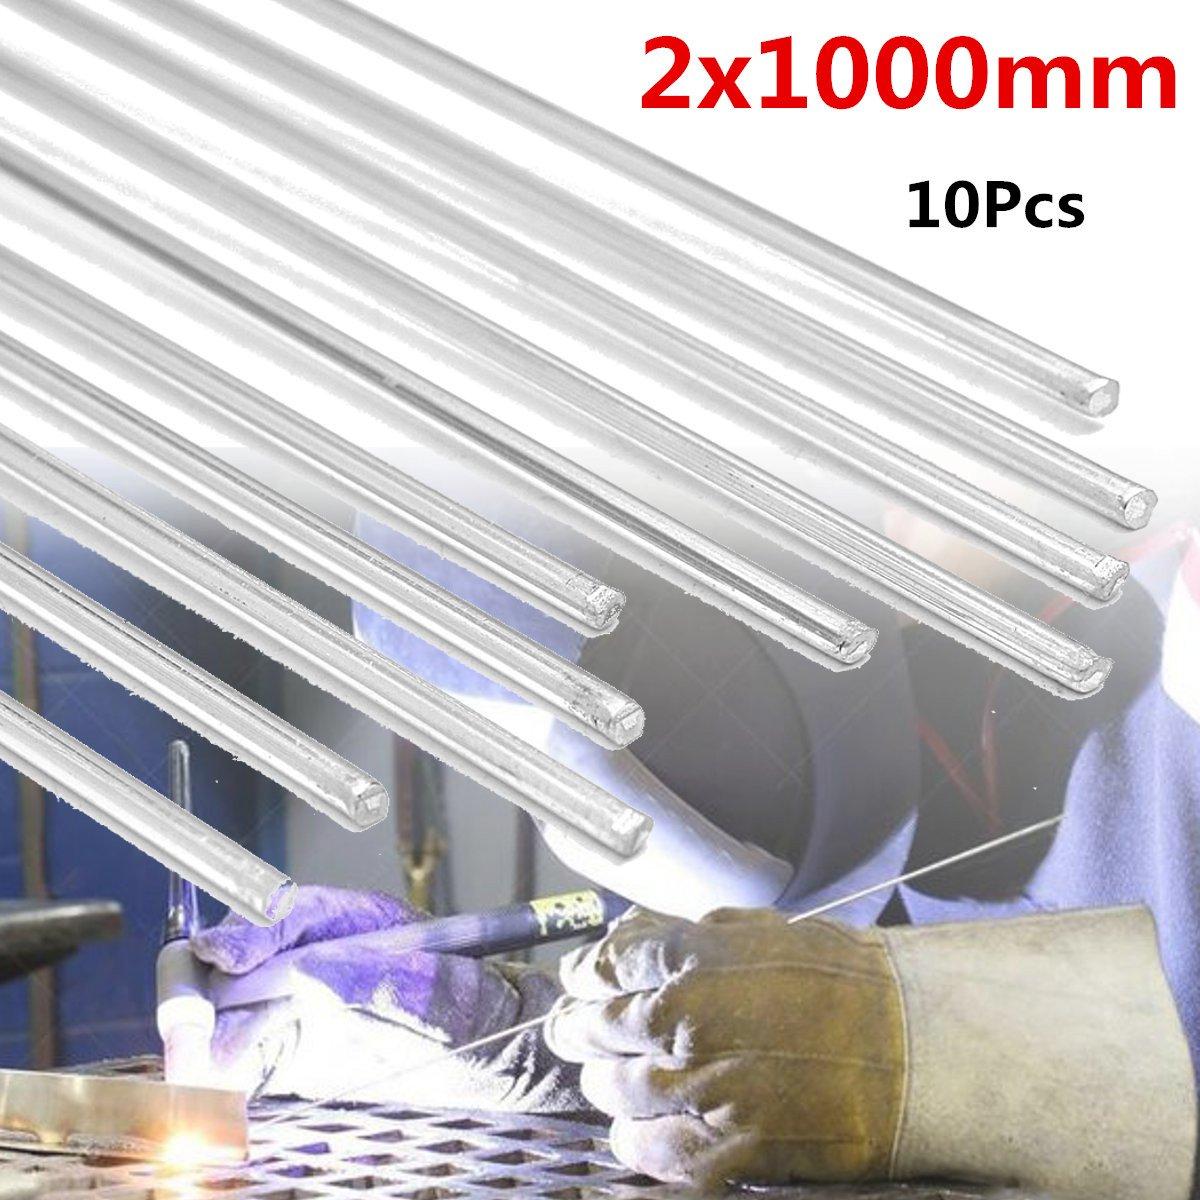 10Pcs 2x1000mm Low Temperature Aluminum Repair Welding Brazing Soldering Rods